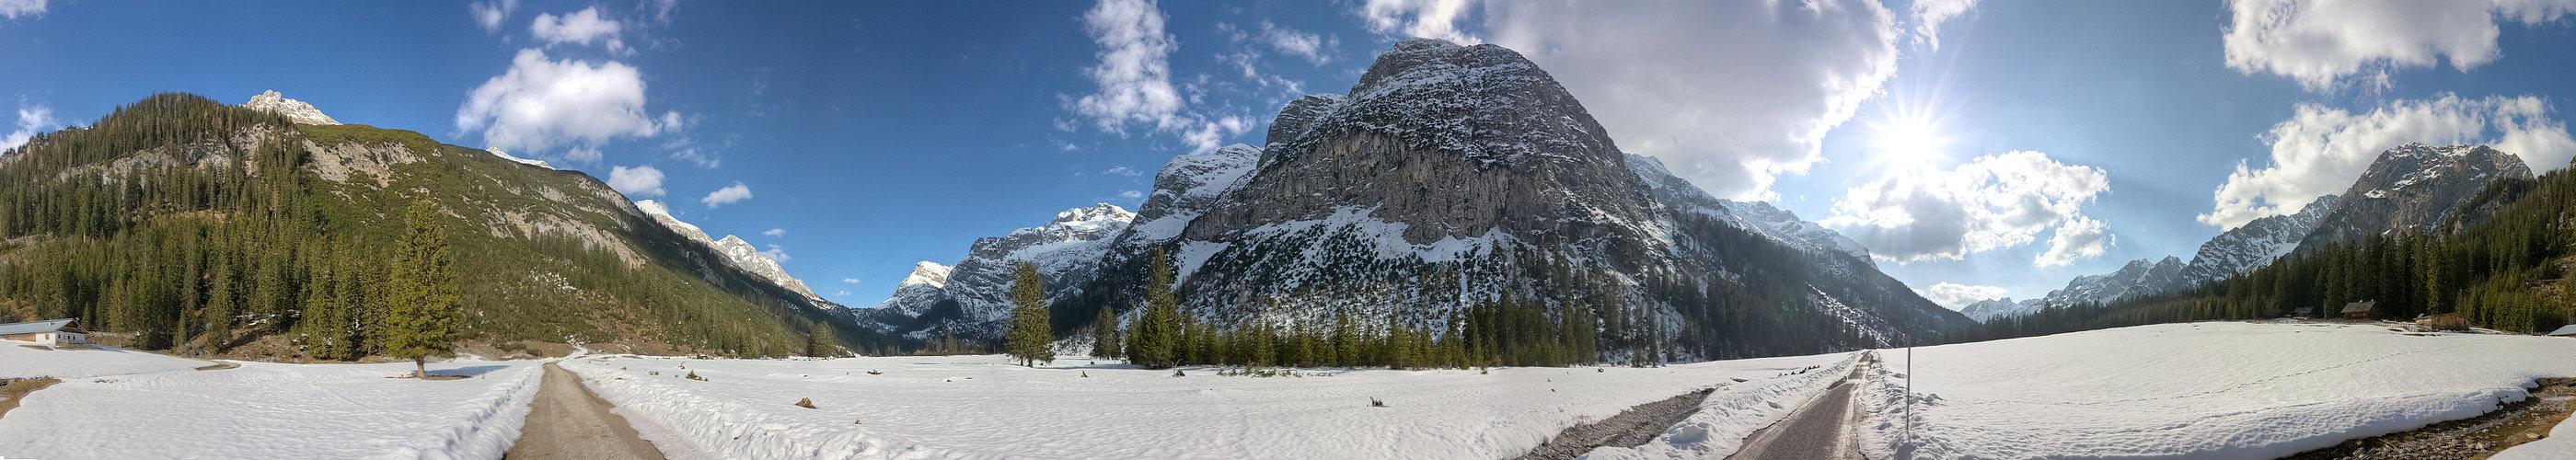 Nicht viel Schnee im Karwendeltal